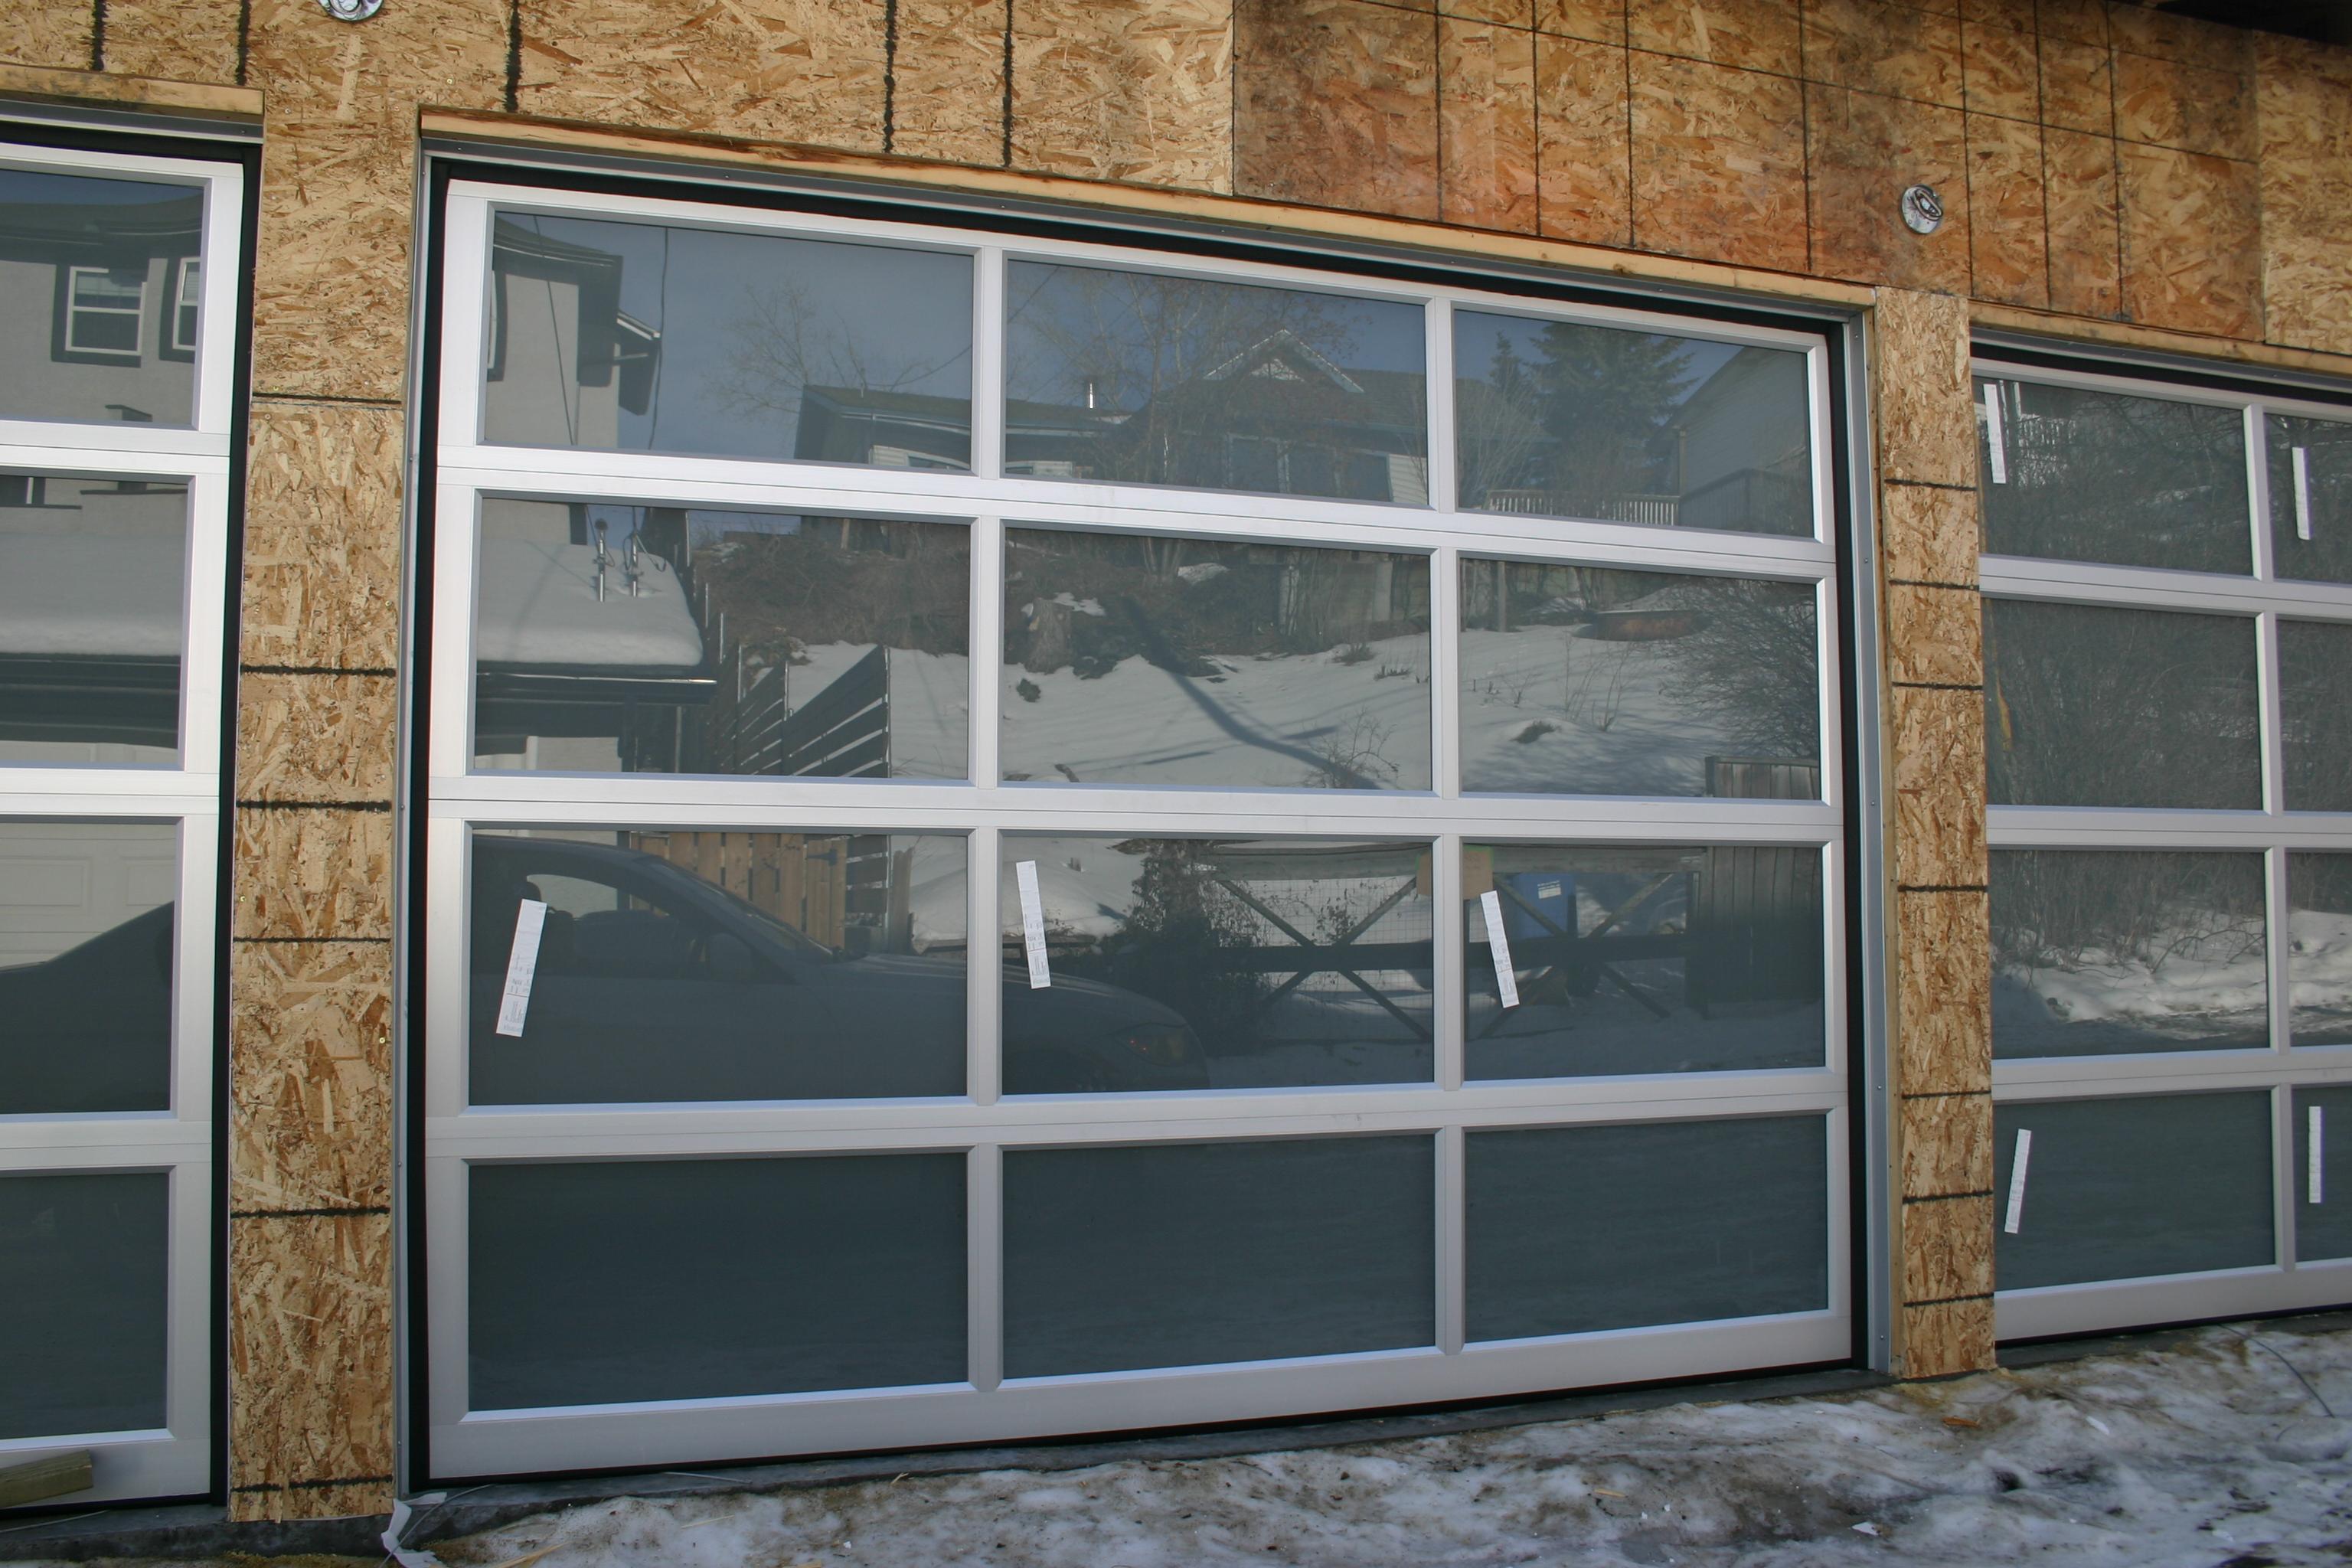 Glass overhead doors - 31 Jan 11